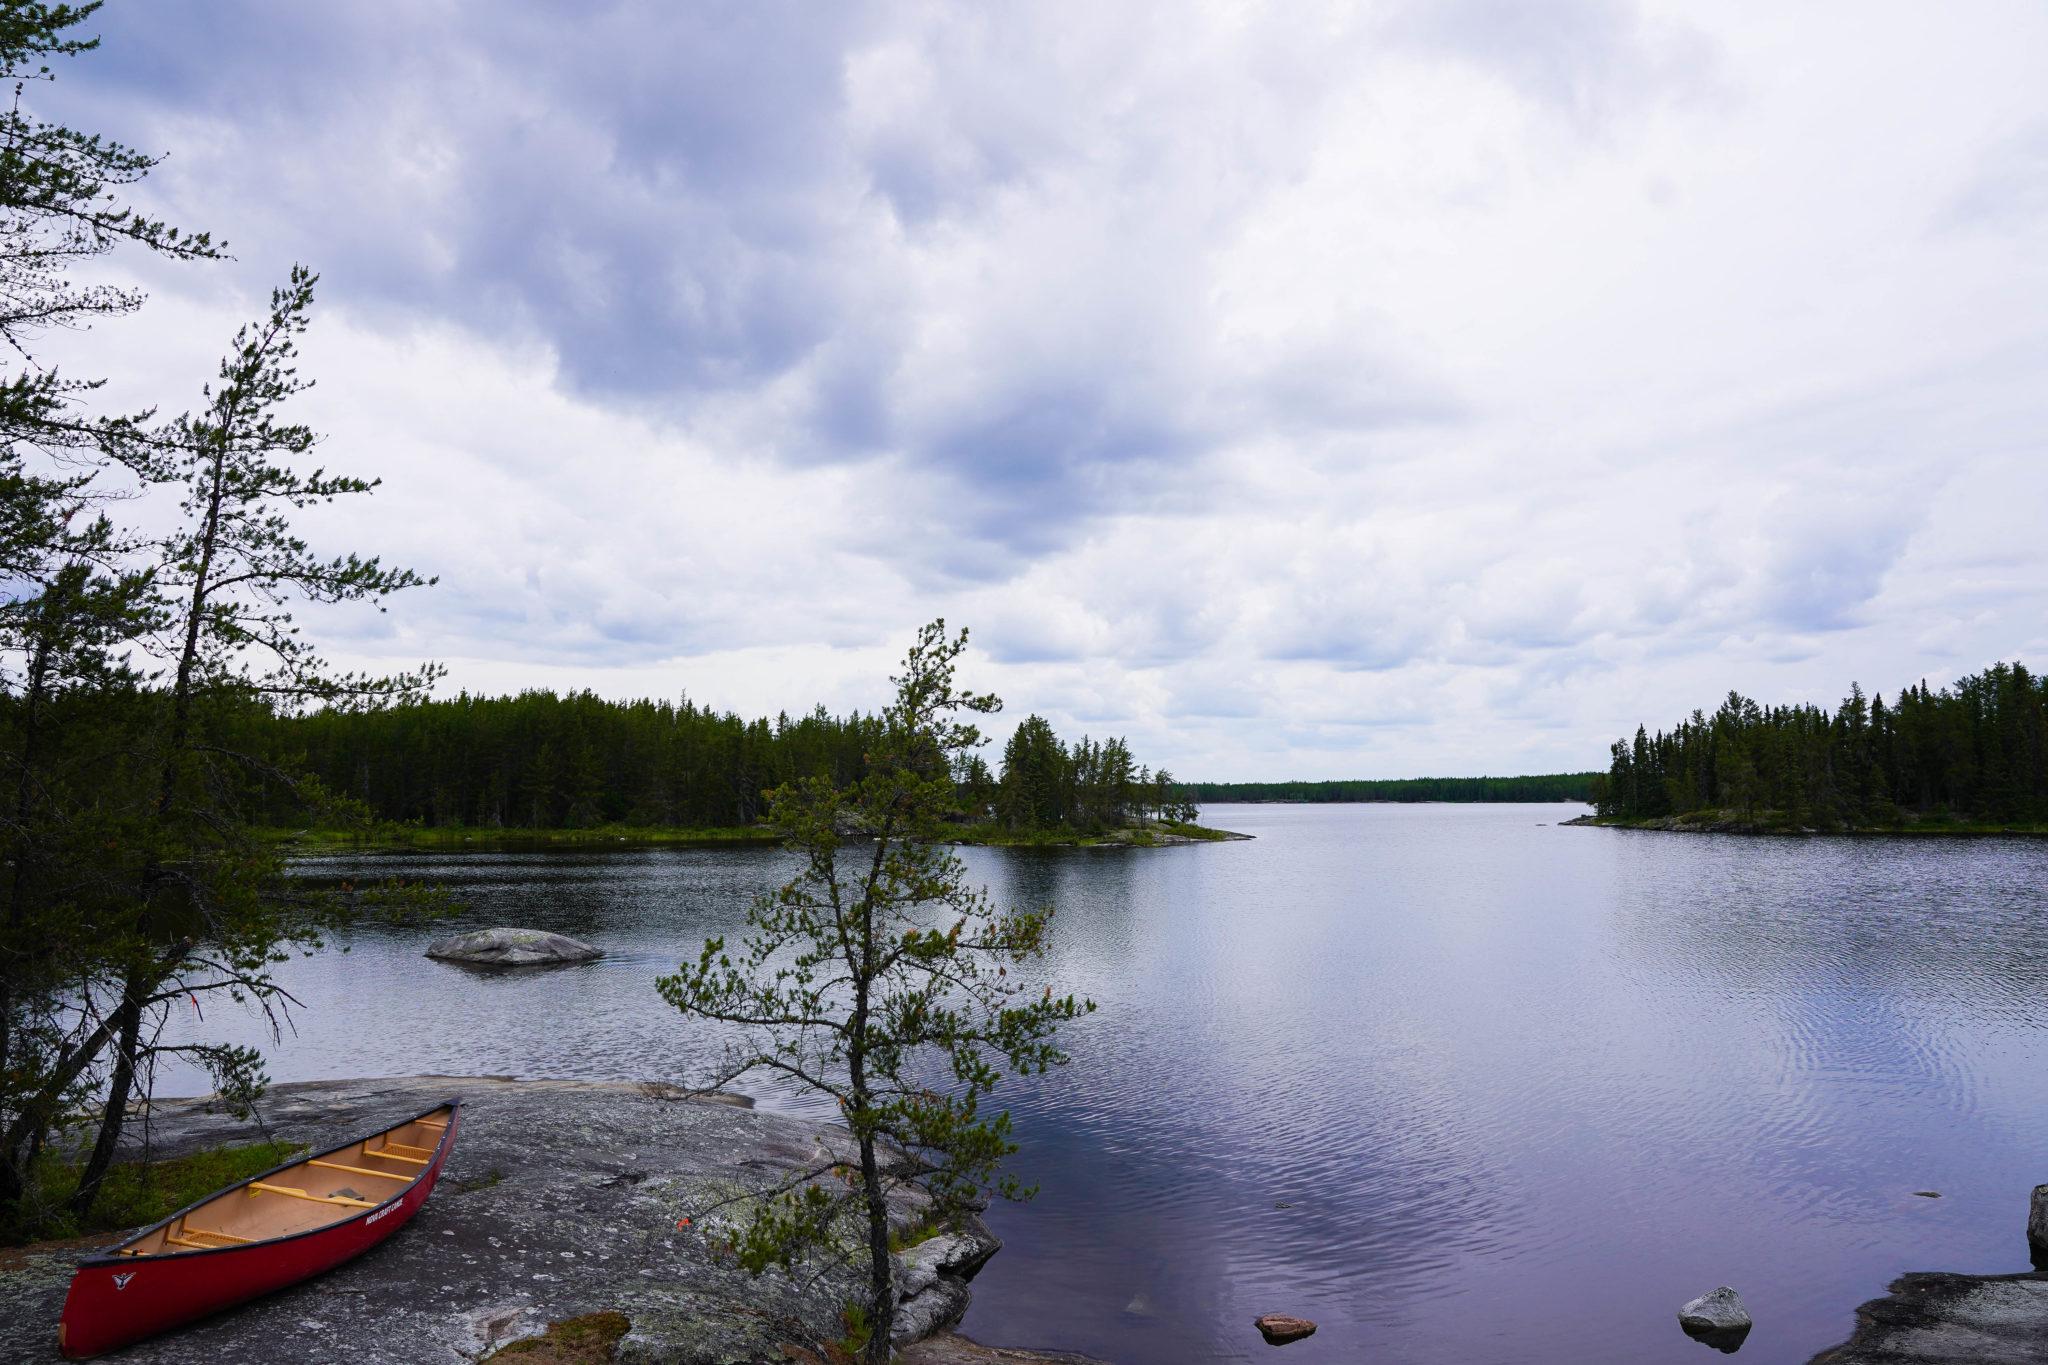 Kanada: Naturerlebnis Manitoba & Winnipeg 53